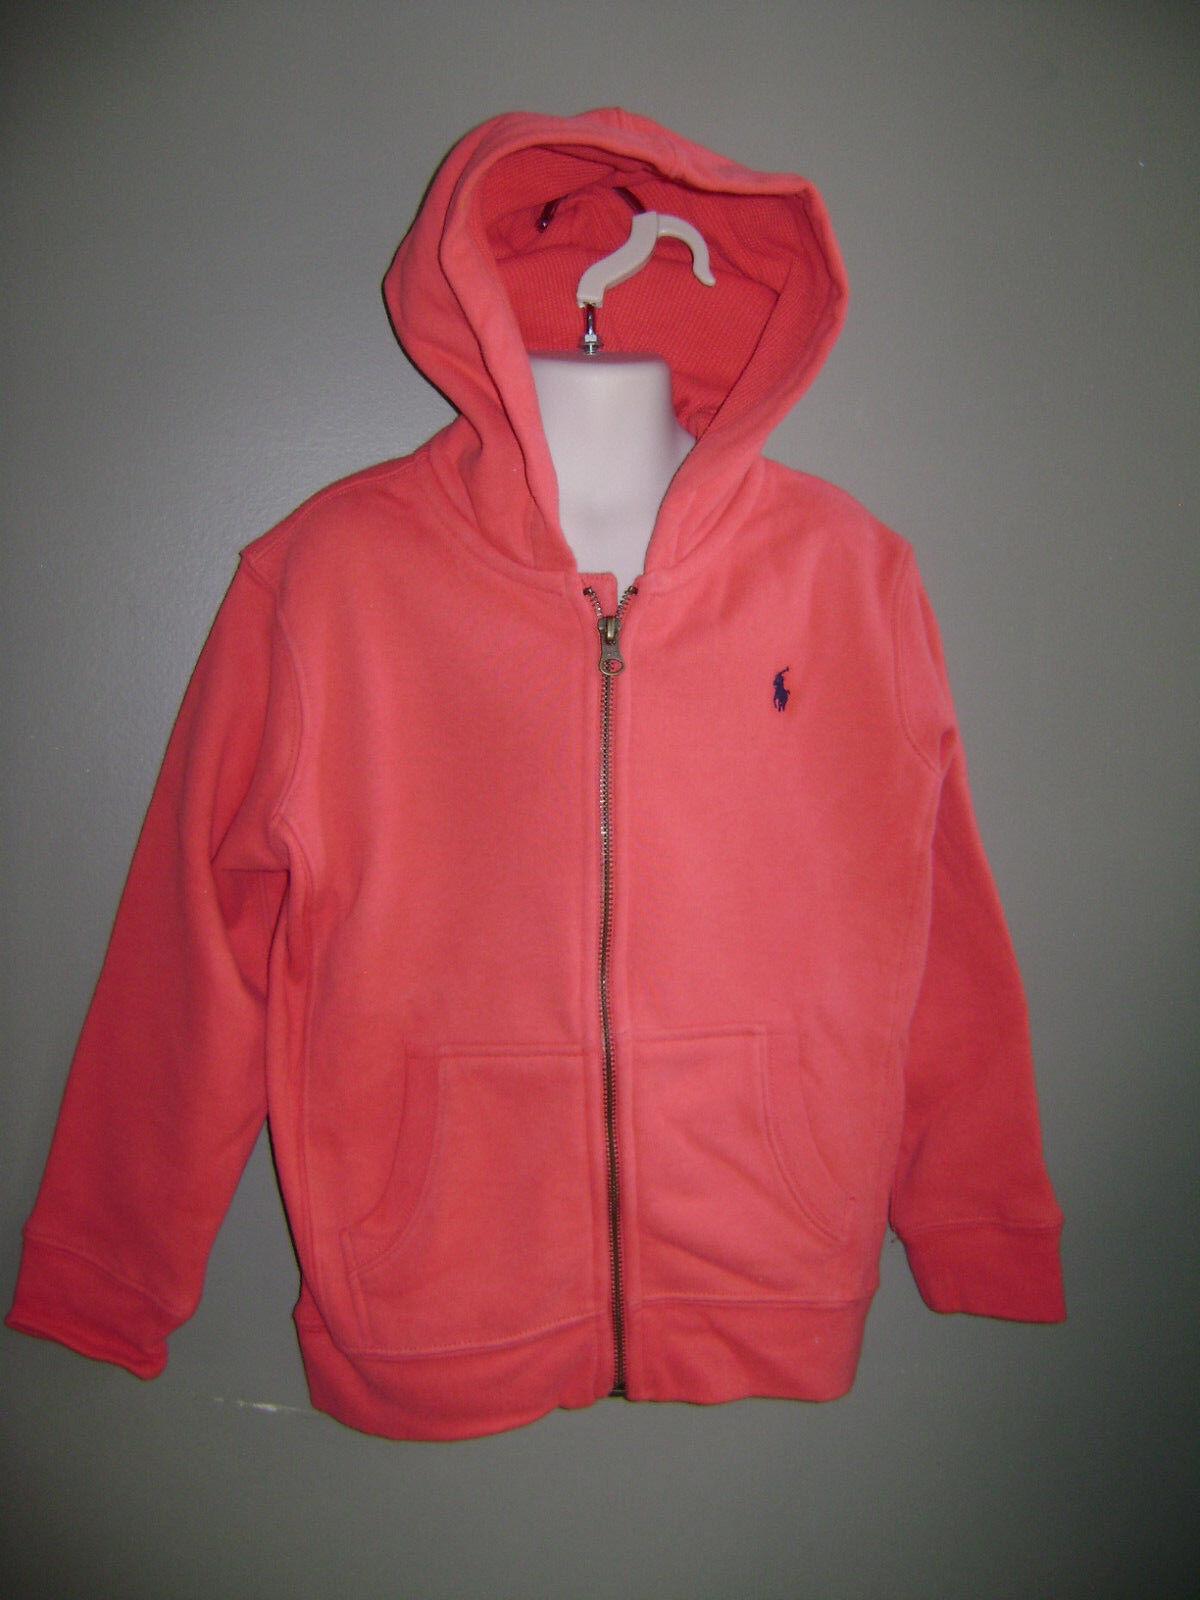 Polo Ralph Lauren Boys Jacket Hoodie Full Zip